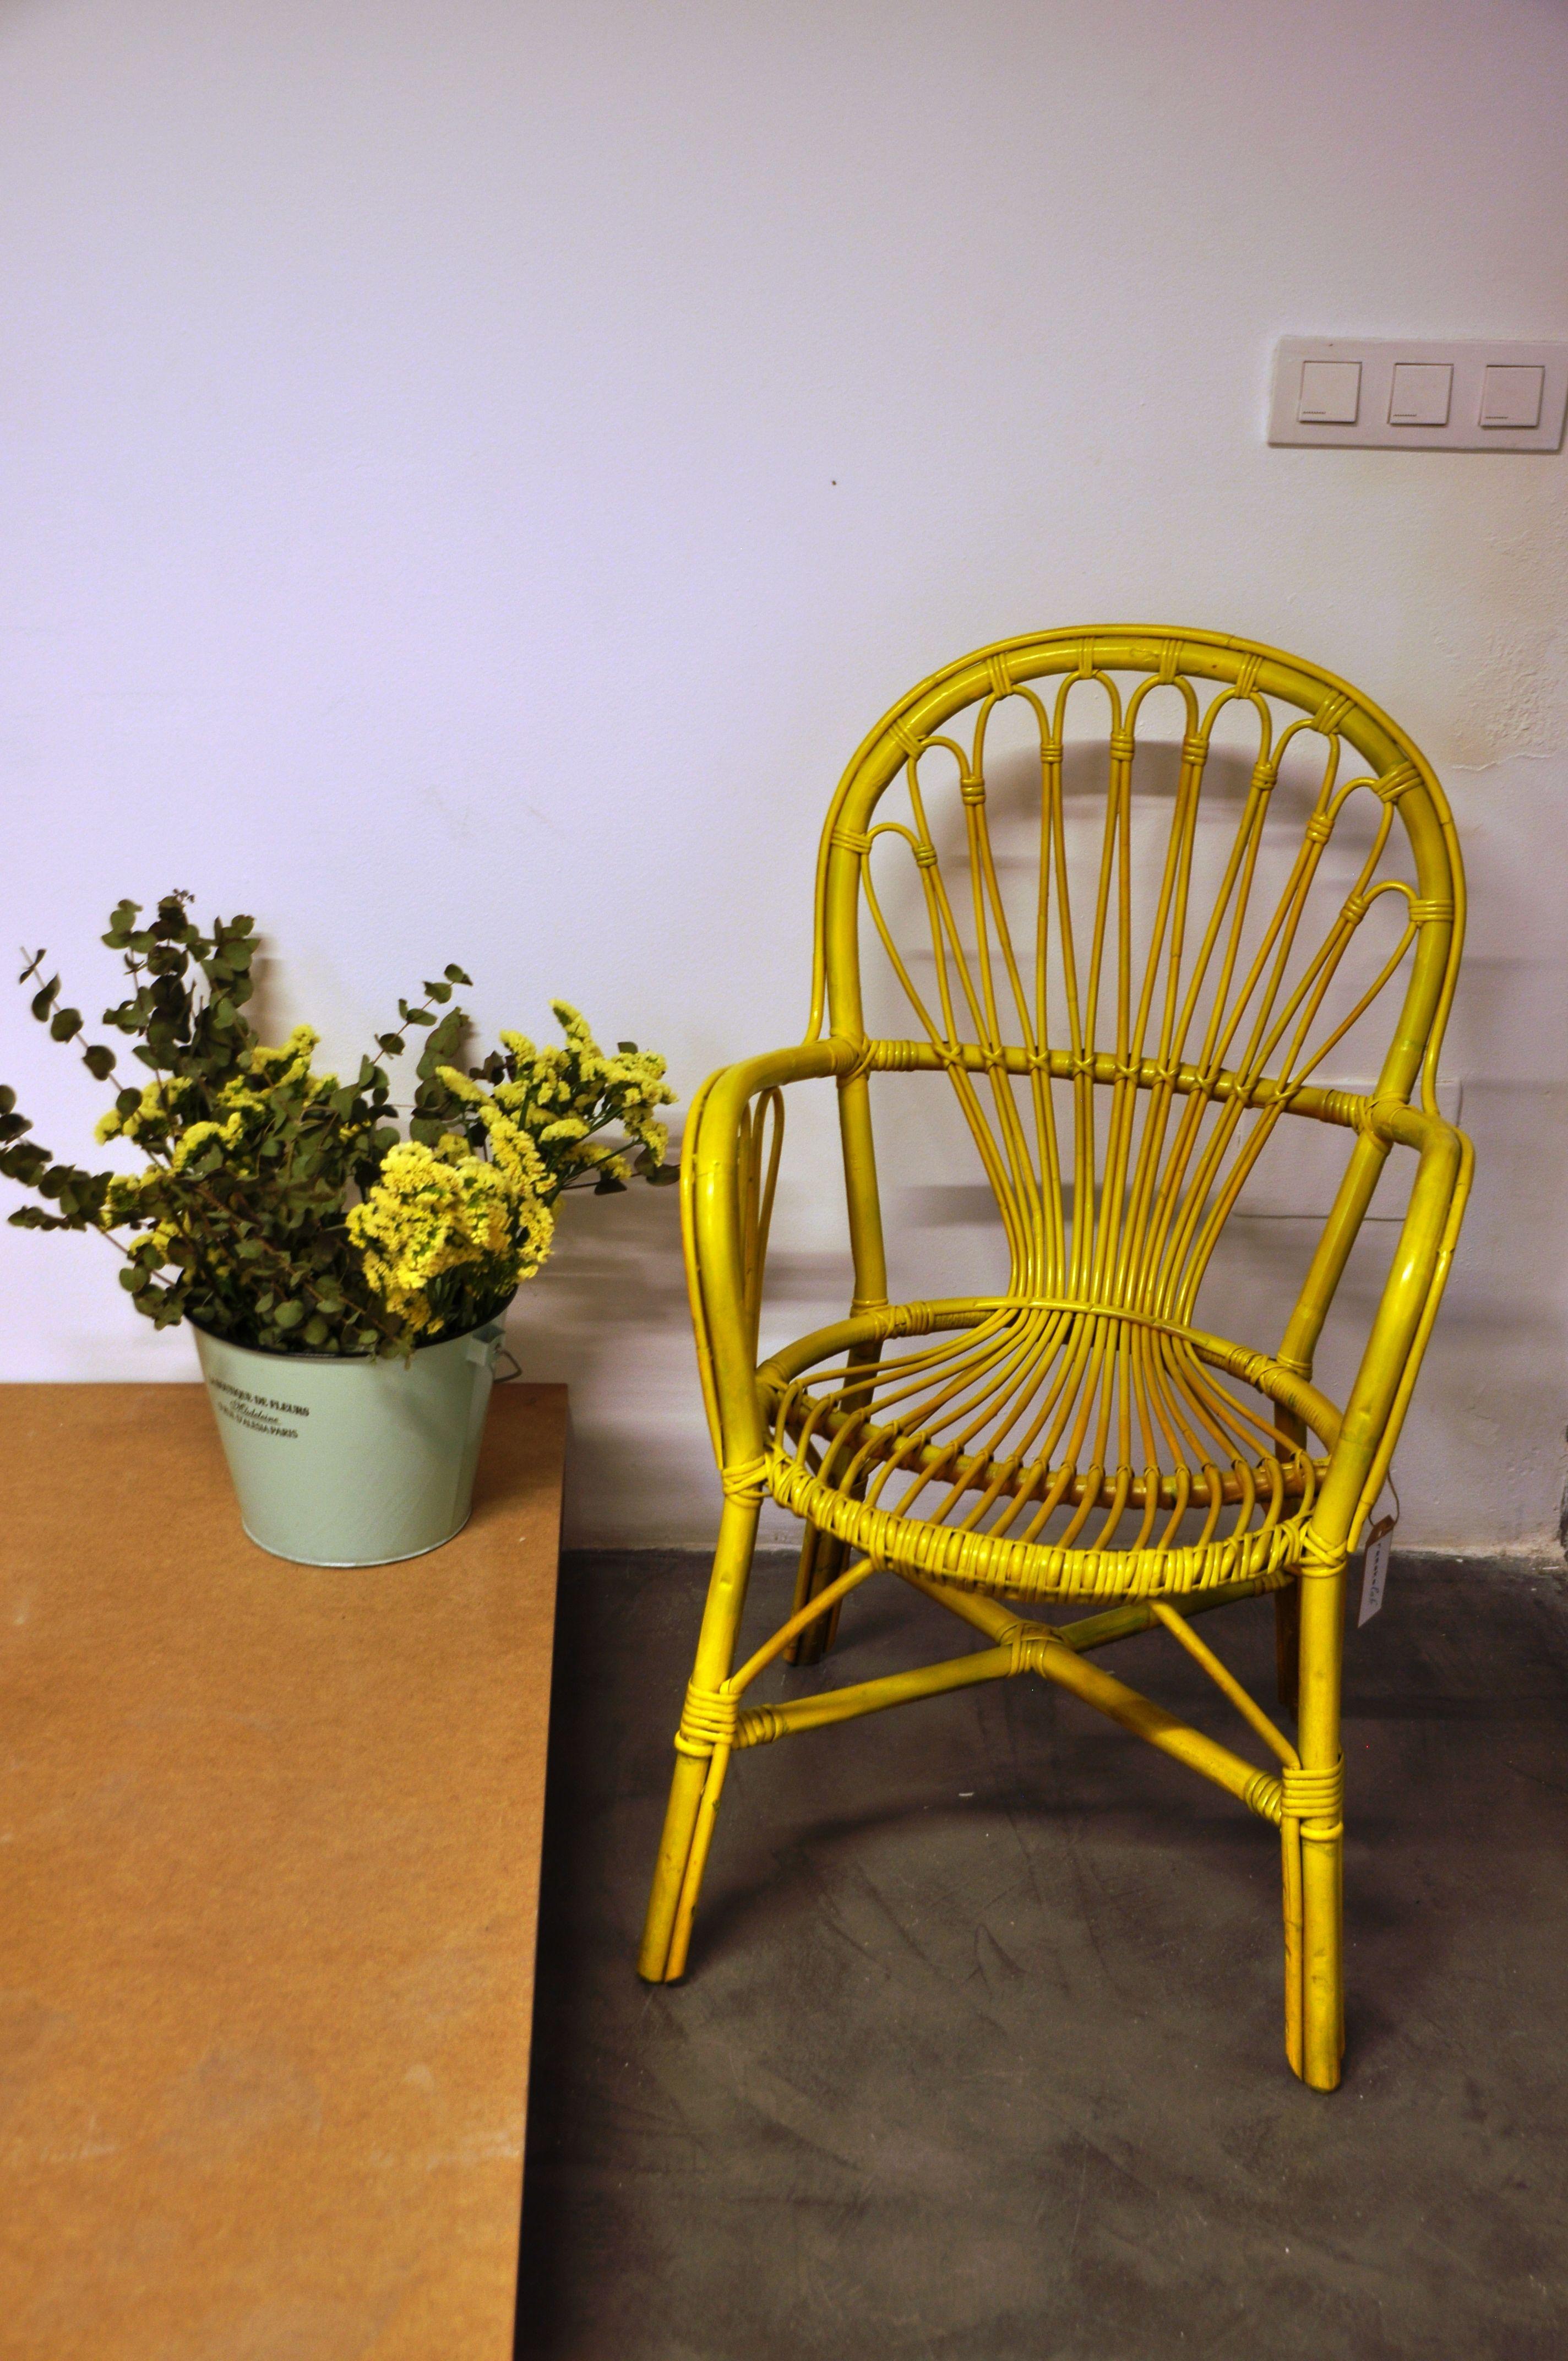 Silla de mimbre pintada en amarillo remake lab muebles - Muebles de mimbre pintados ...